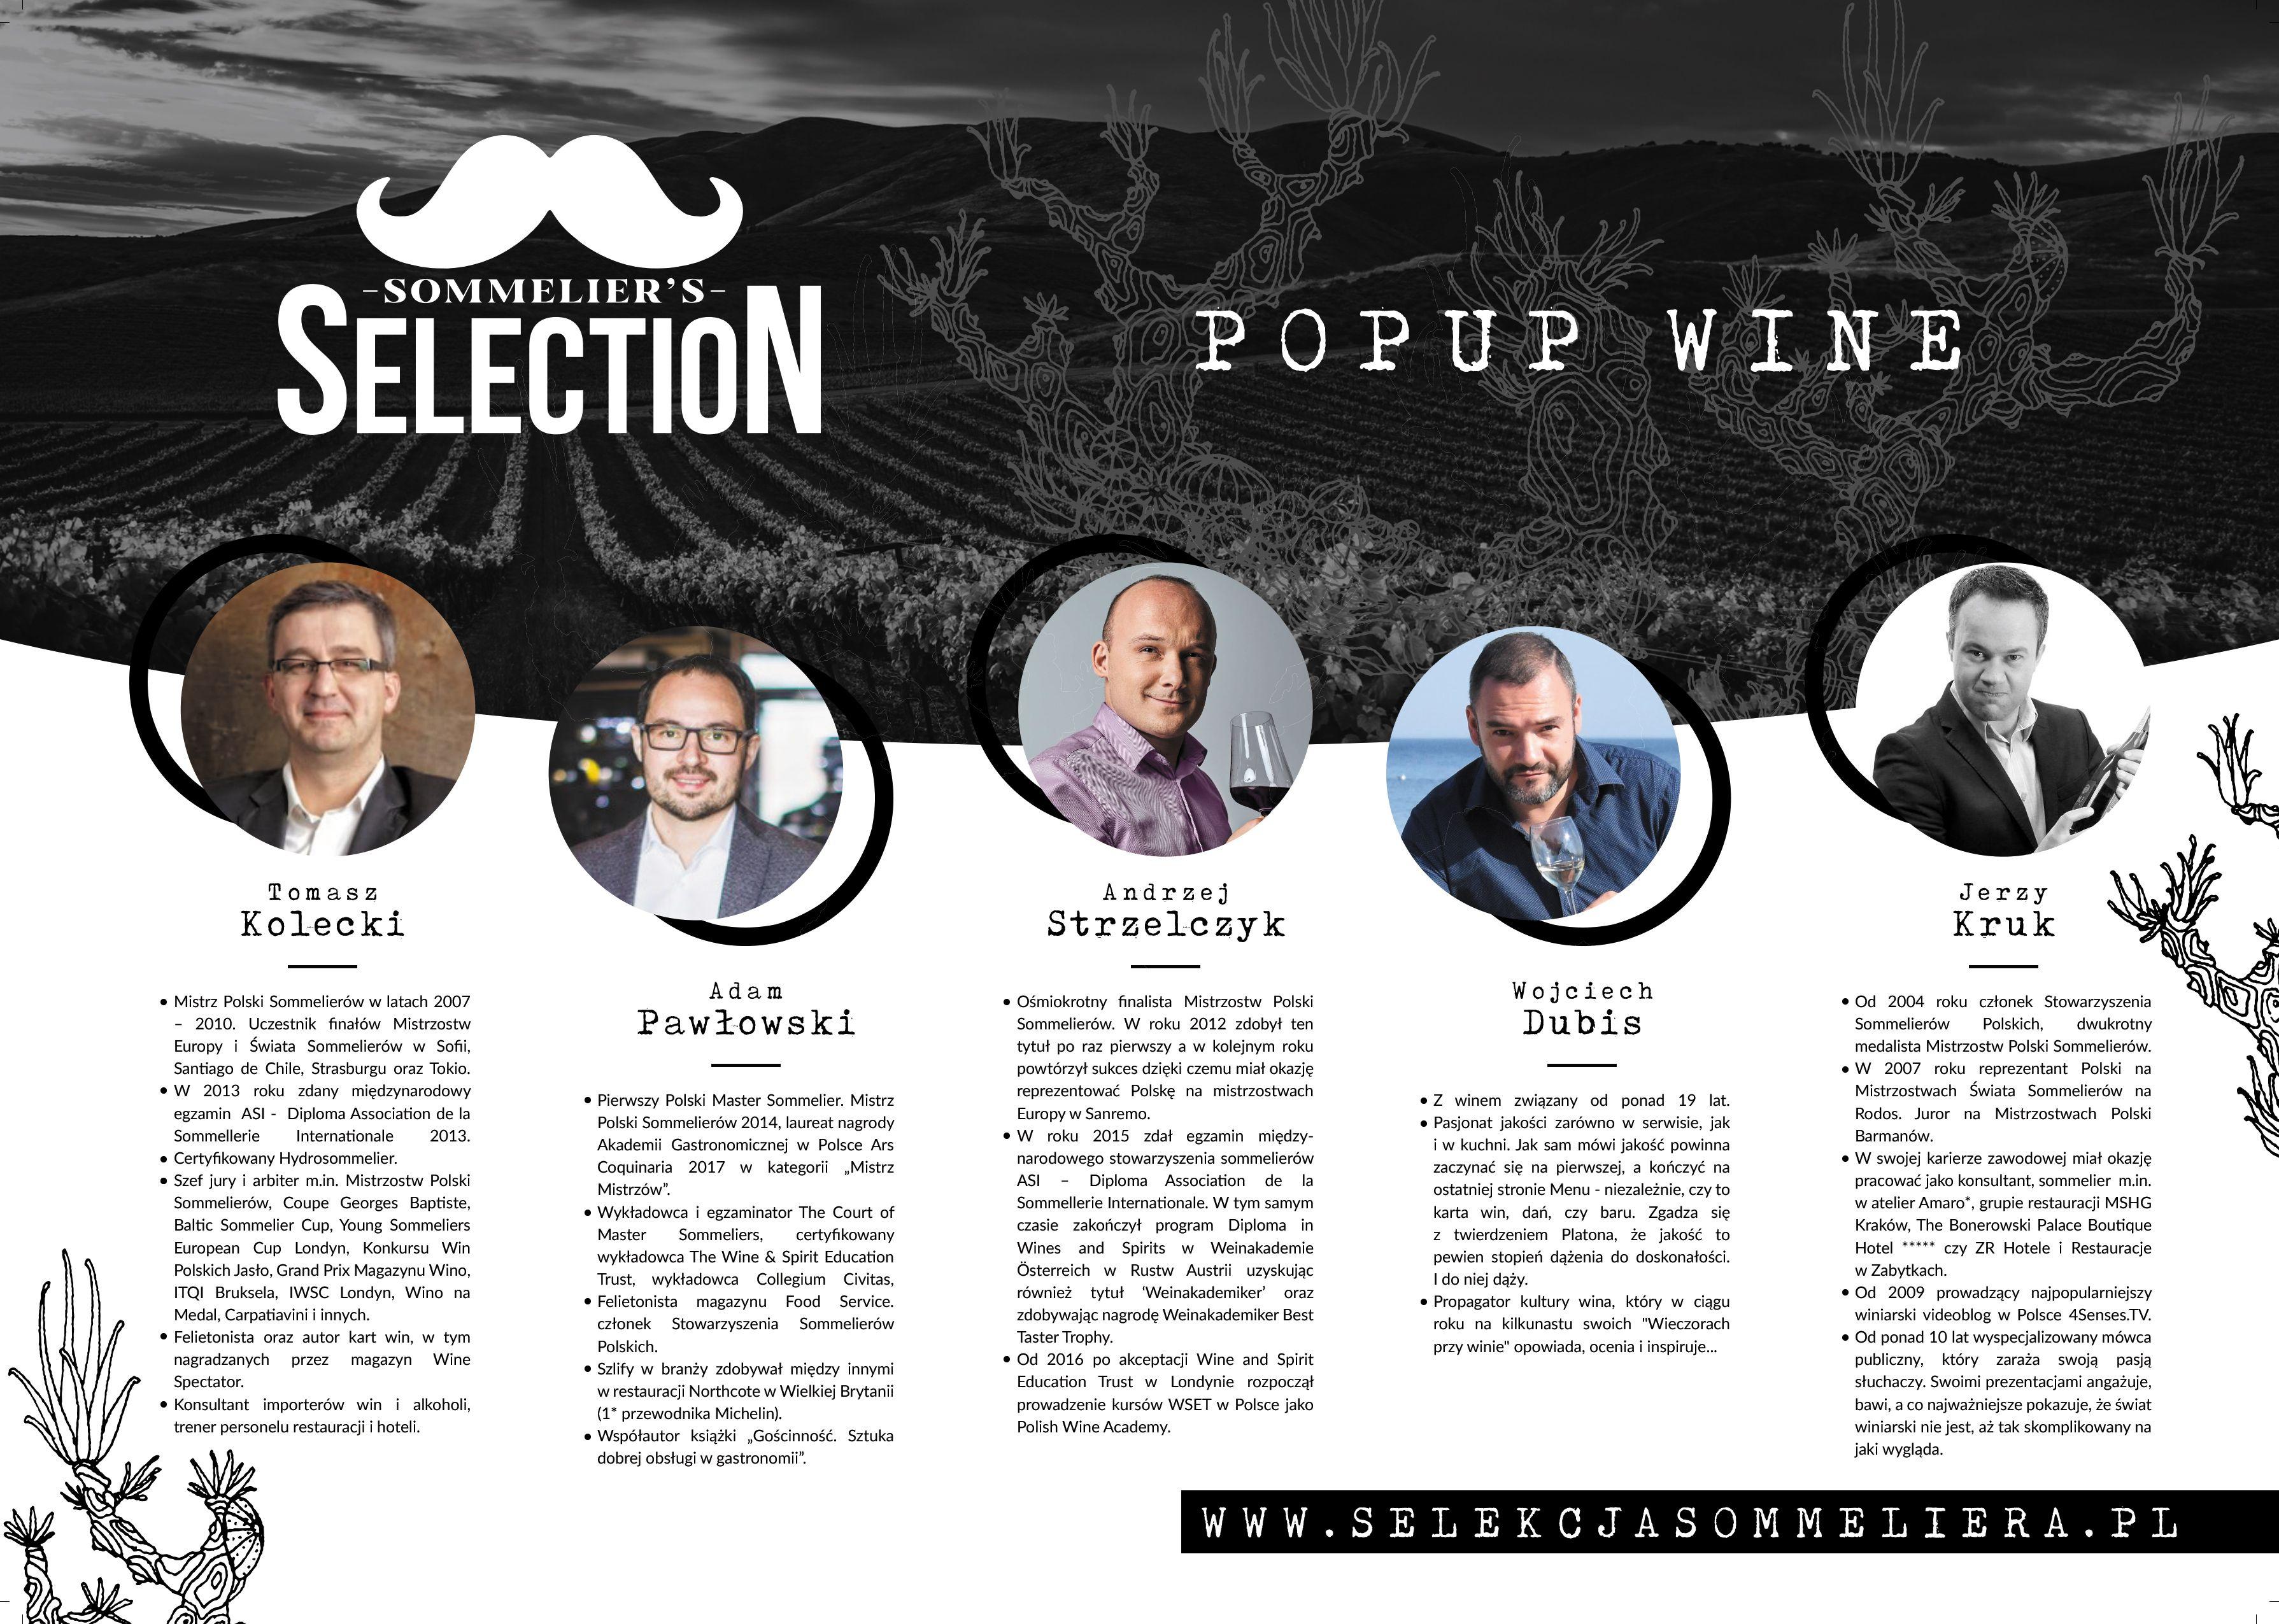 Wystartował pop -up'owy program Wine Direct – Selekcja Sommeliera